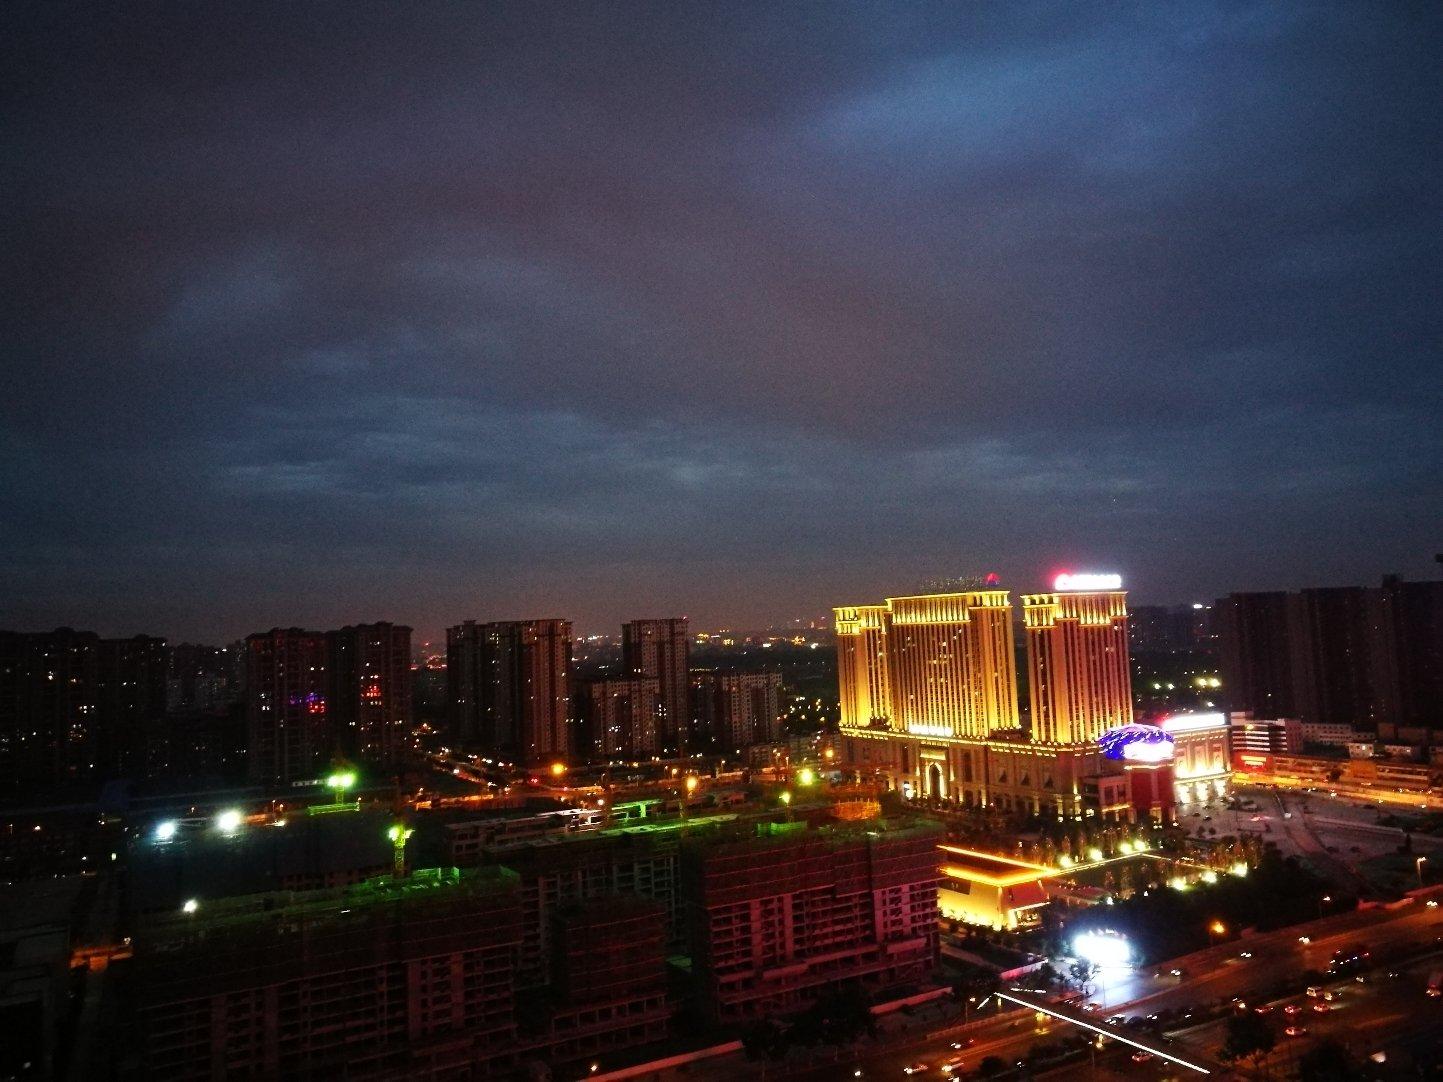 先锋亚洲区_陕西省西安市未央区二环北路东段辅路靠近先锋花园南区天气预报